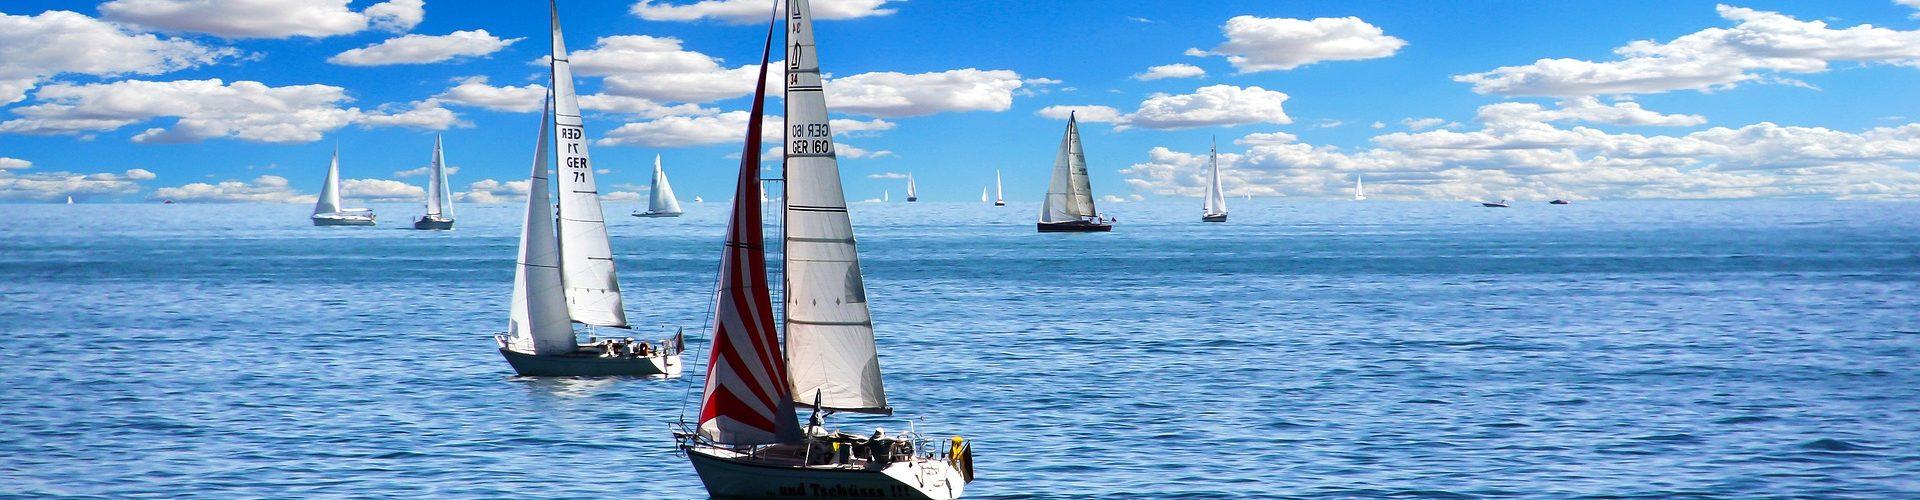 segeln lernen in Düren segelschein machen in Düren 1920x500 - Segeln lernen in Düren